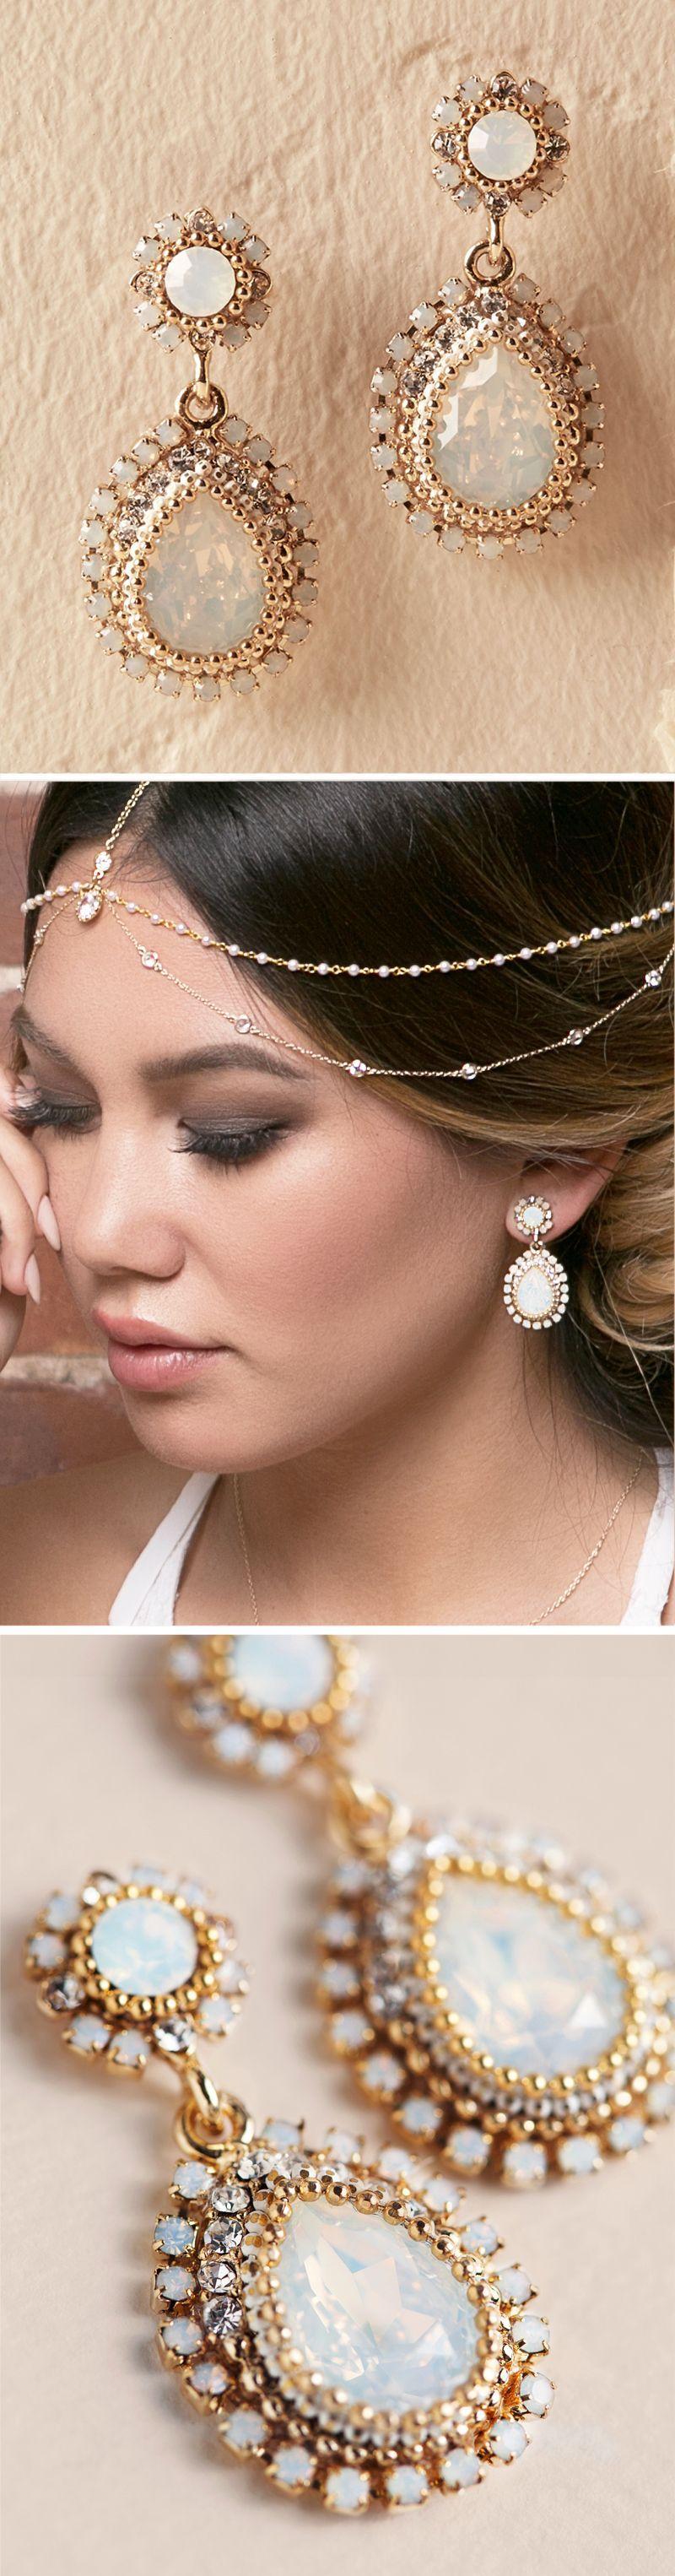 40+ Wedding earrings gold designs info